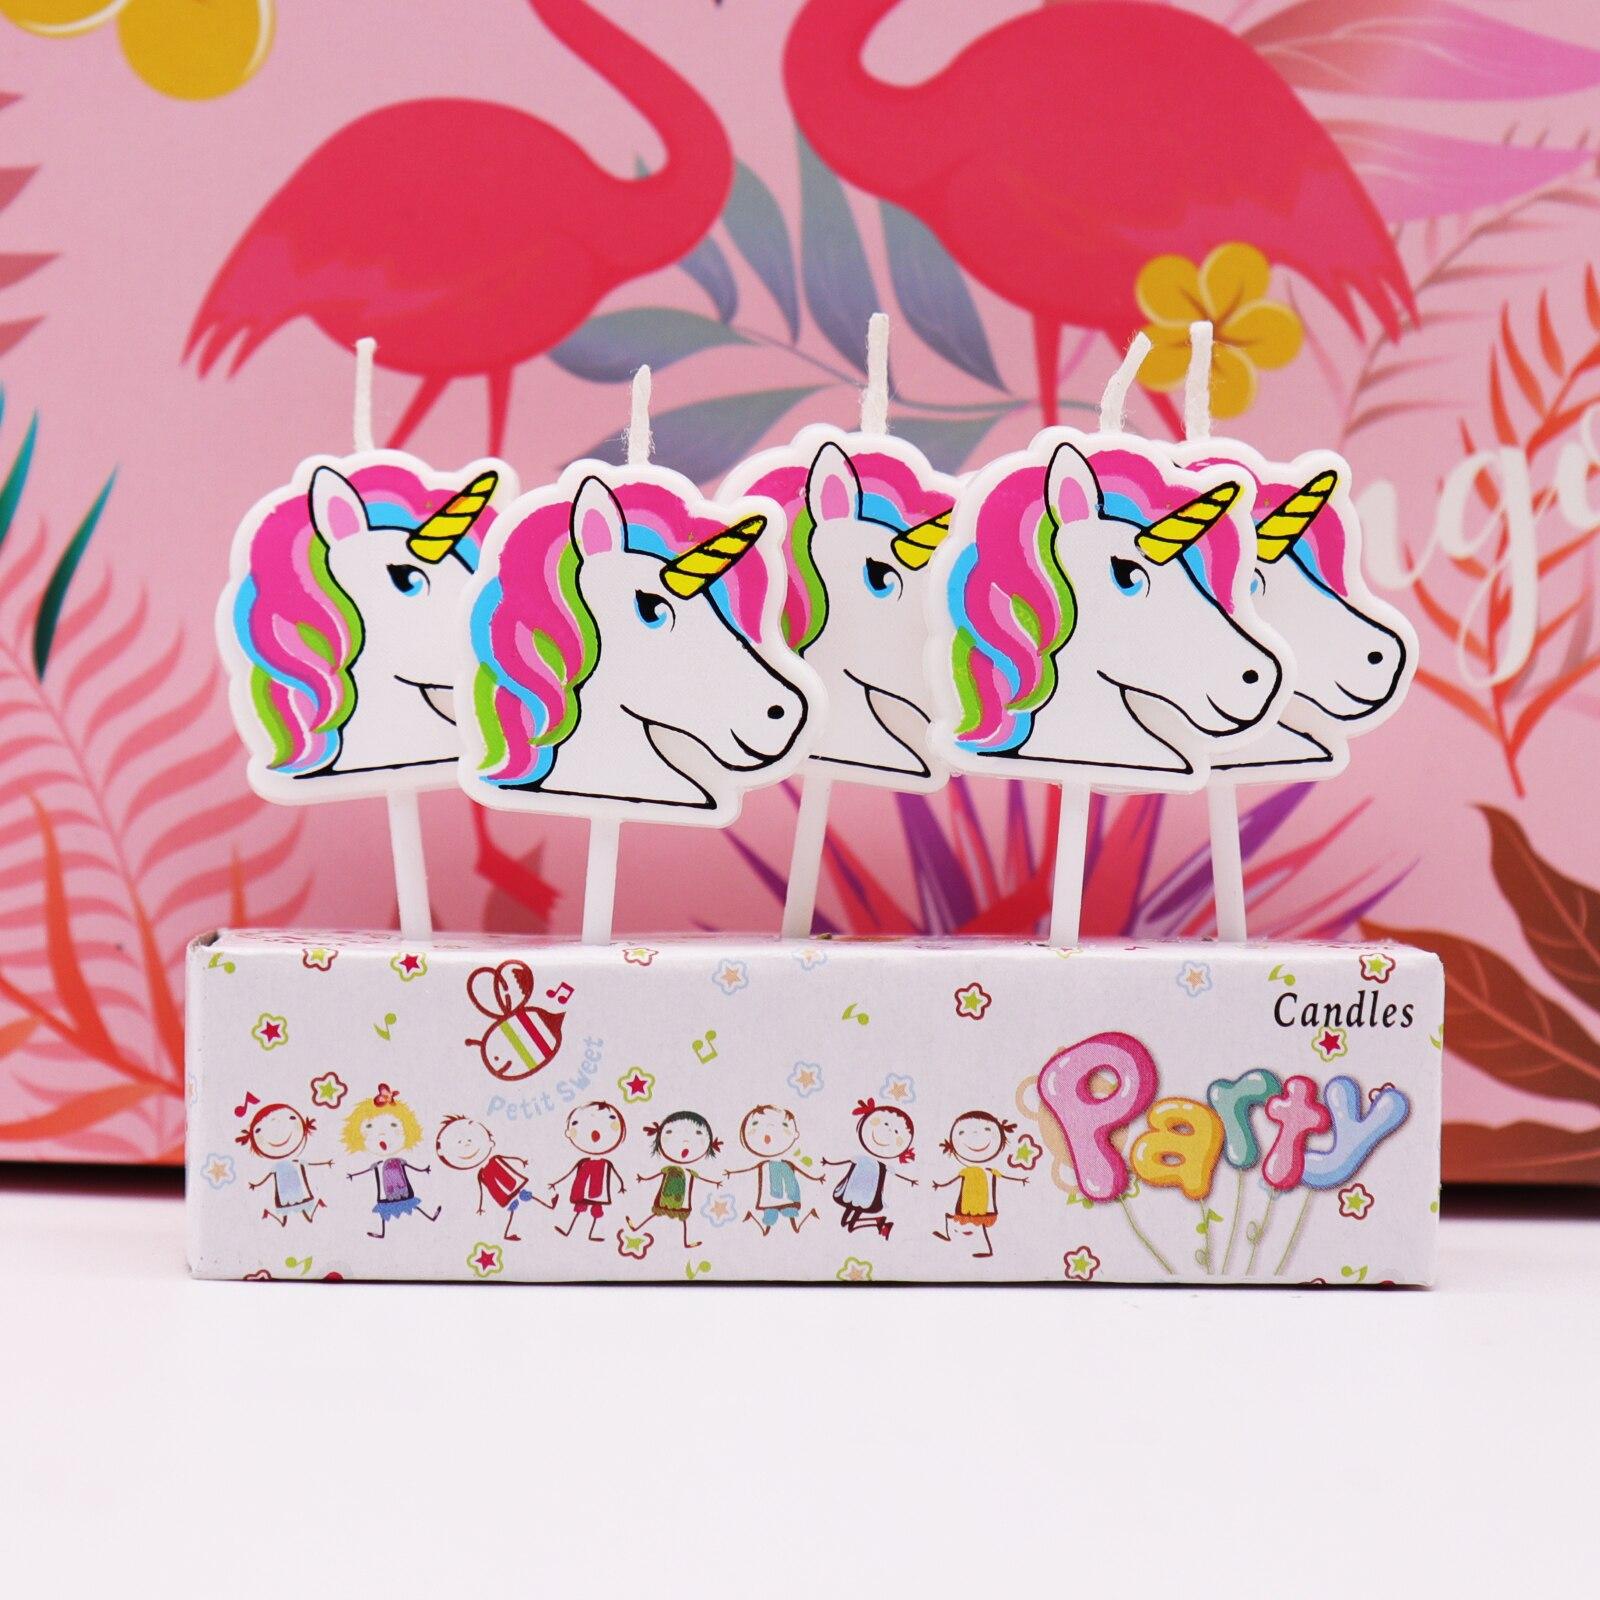 נר לעוגה יום הולדת חד קרן מדבקות למתנות אריזות חבילות לייף-דיזיין להזמנה